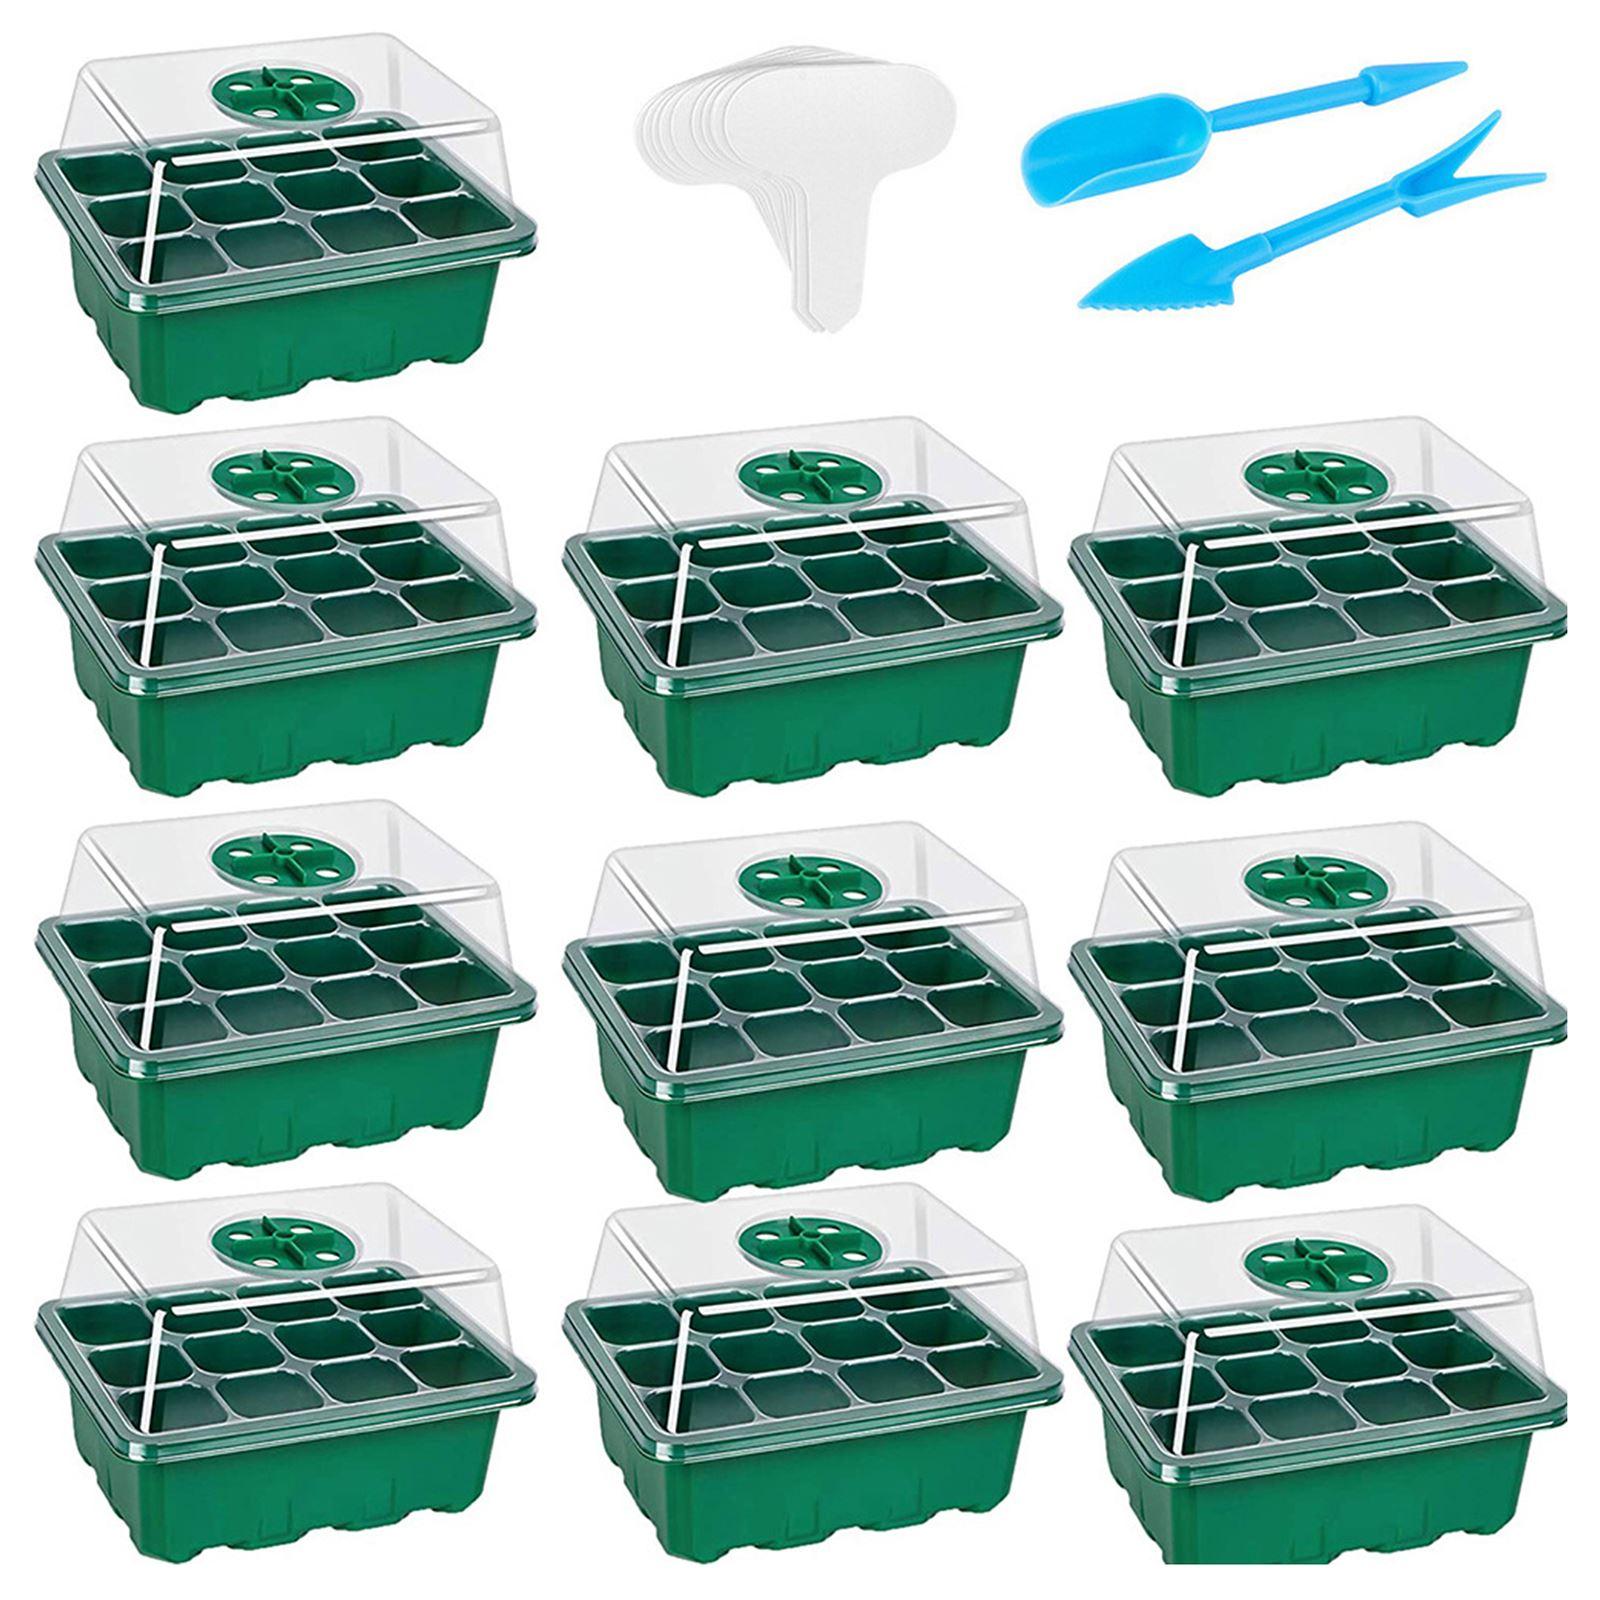 13 قطعة علبة للإنبات النباتية مجموعة 12 خلايا الشتلات بداية صواني عدة مع غطاء الرطوبة وقاعدة لإنبات بذور الدفيئة